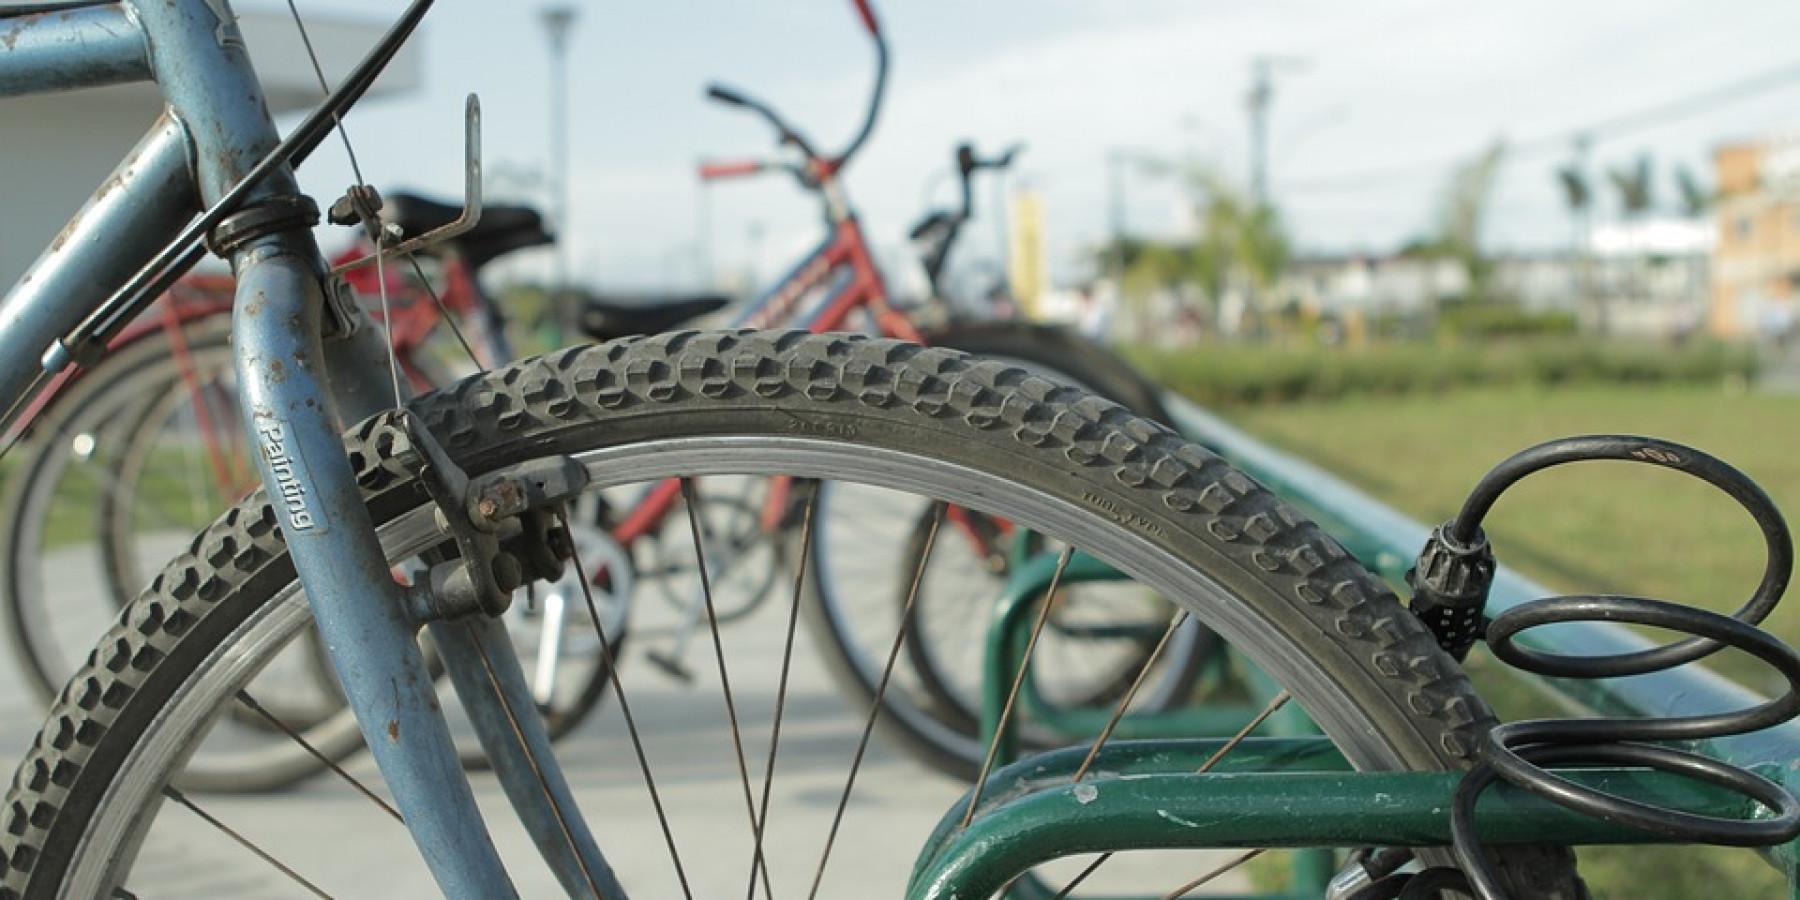 Polizisten stellen zwei Fahrraddiebe – 42-jähriger Tunesier in Untersuchungshaft